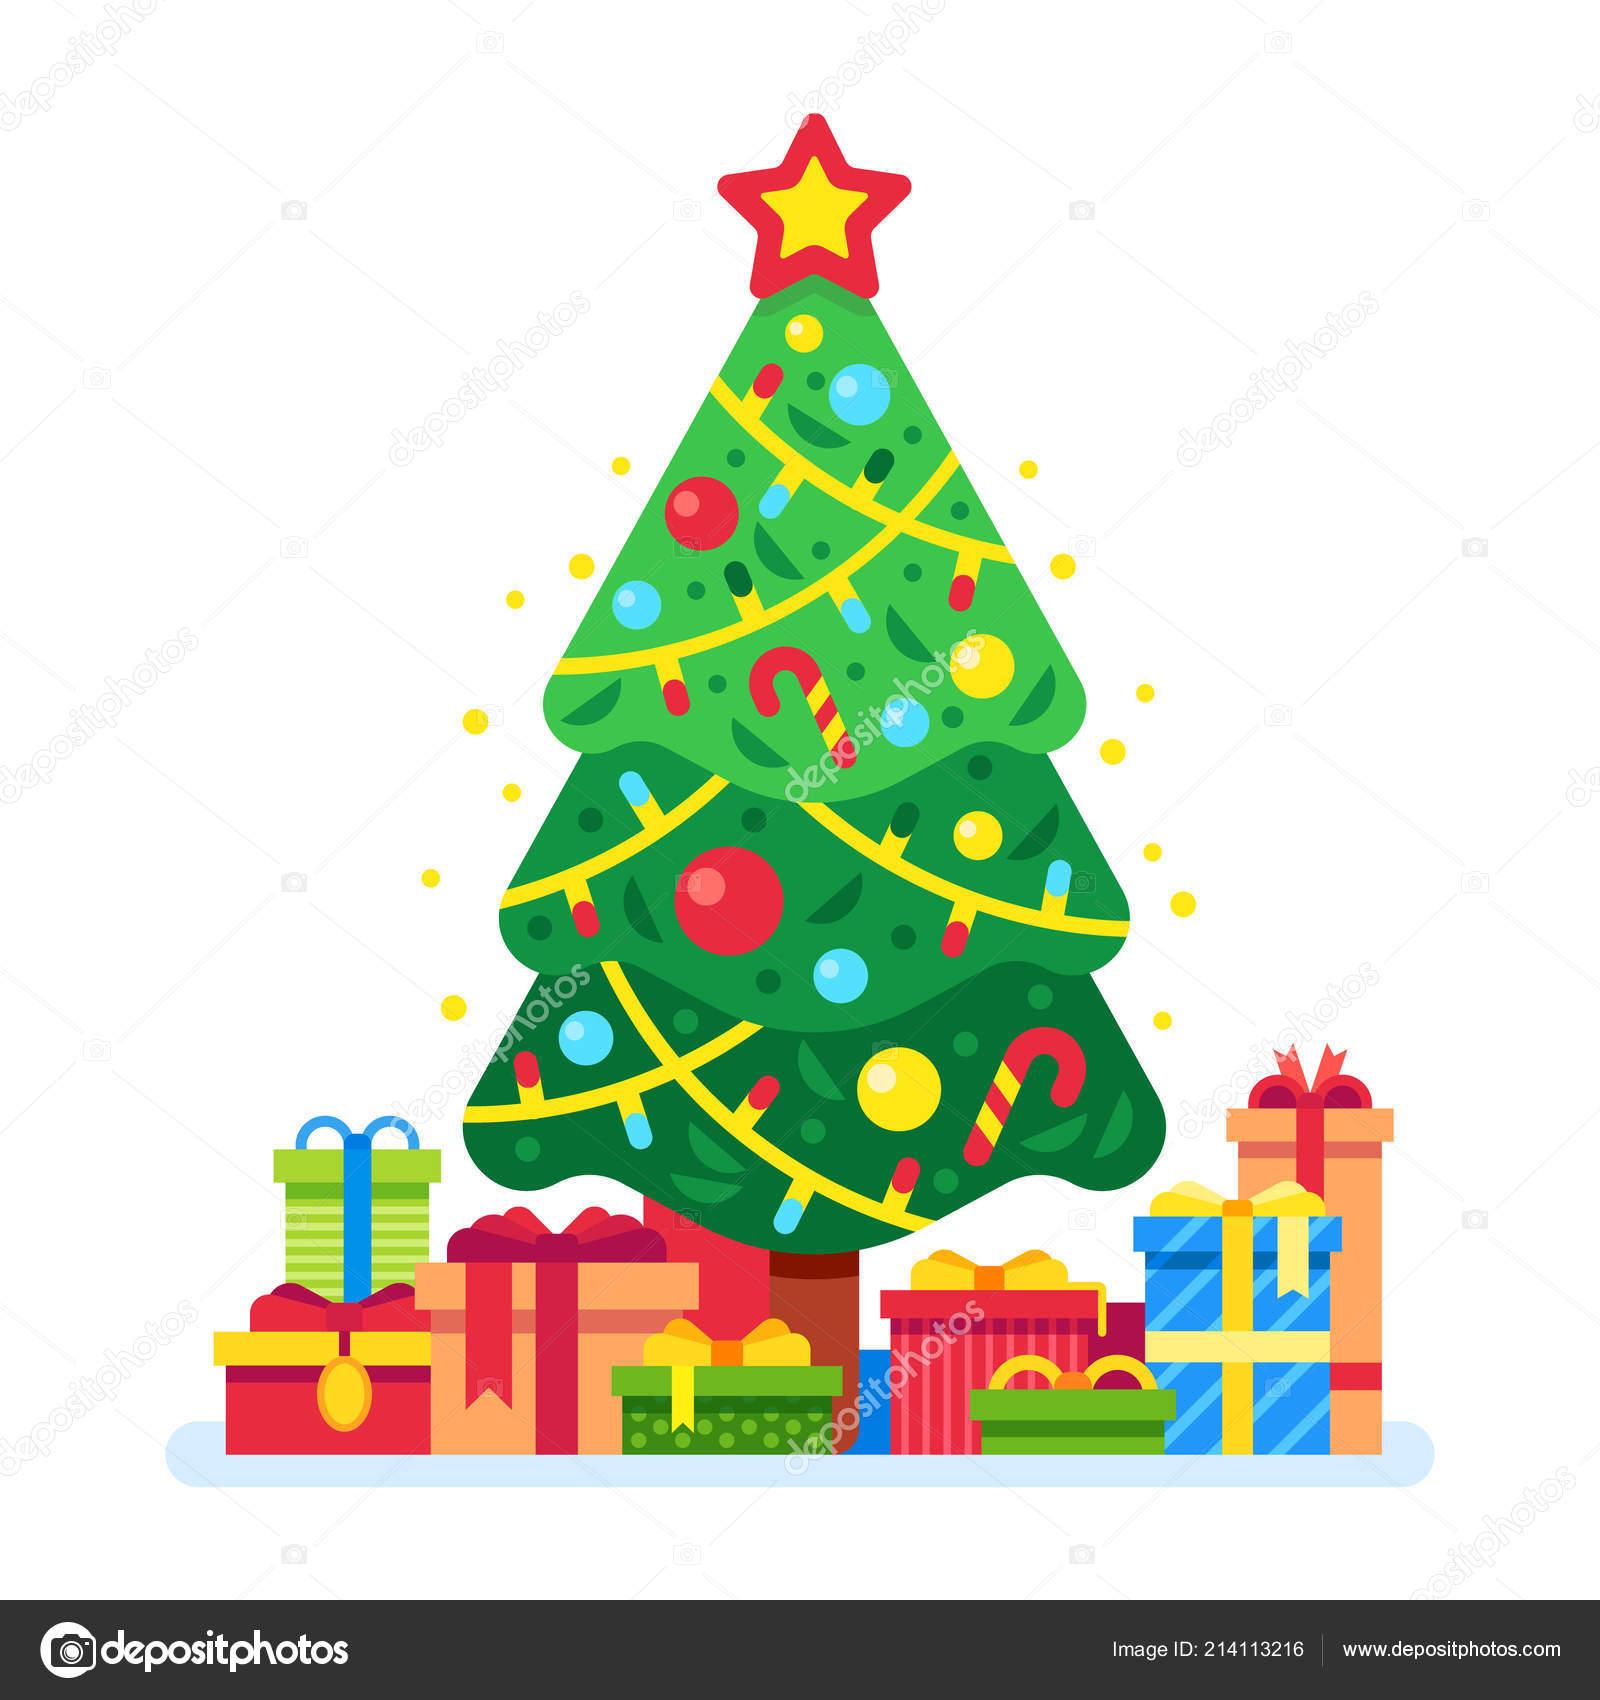 Traditionelle Weihnachtsgeschenke.Weihnachtsbaum Und Geschenkboxen Weihnachtsgeschenk Unter Grüne